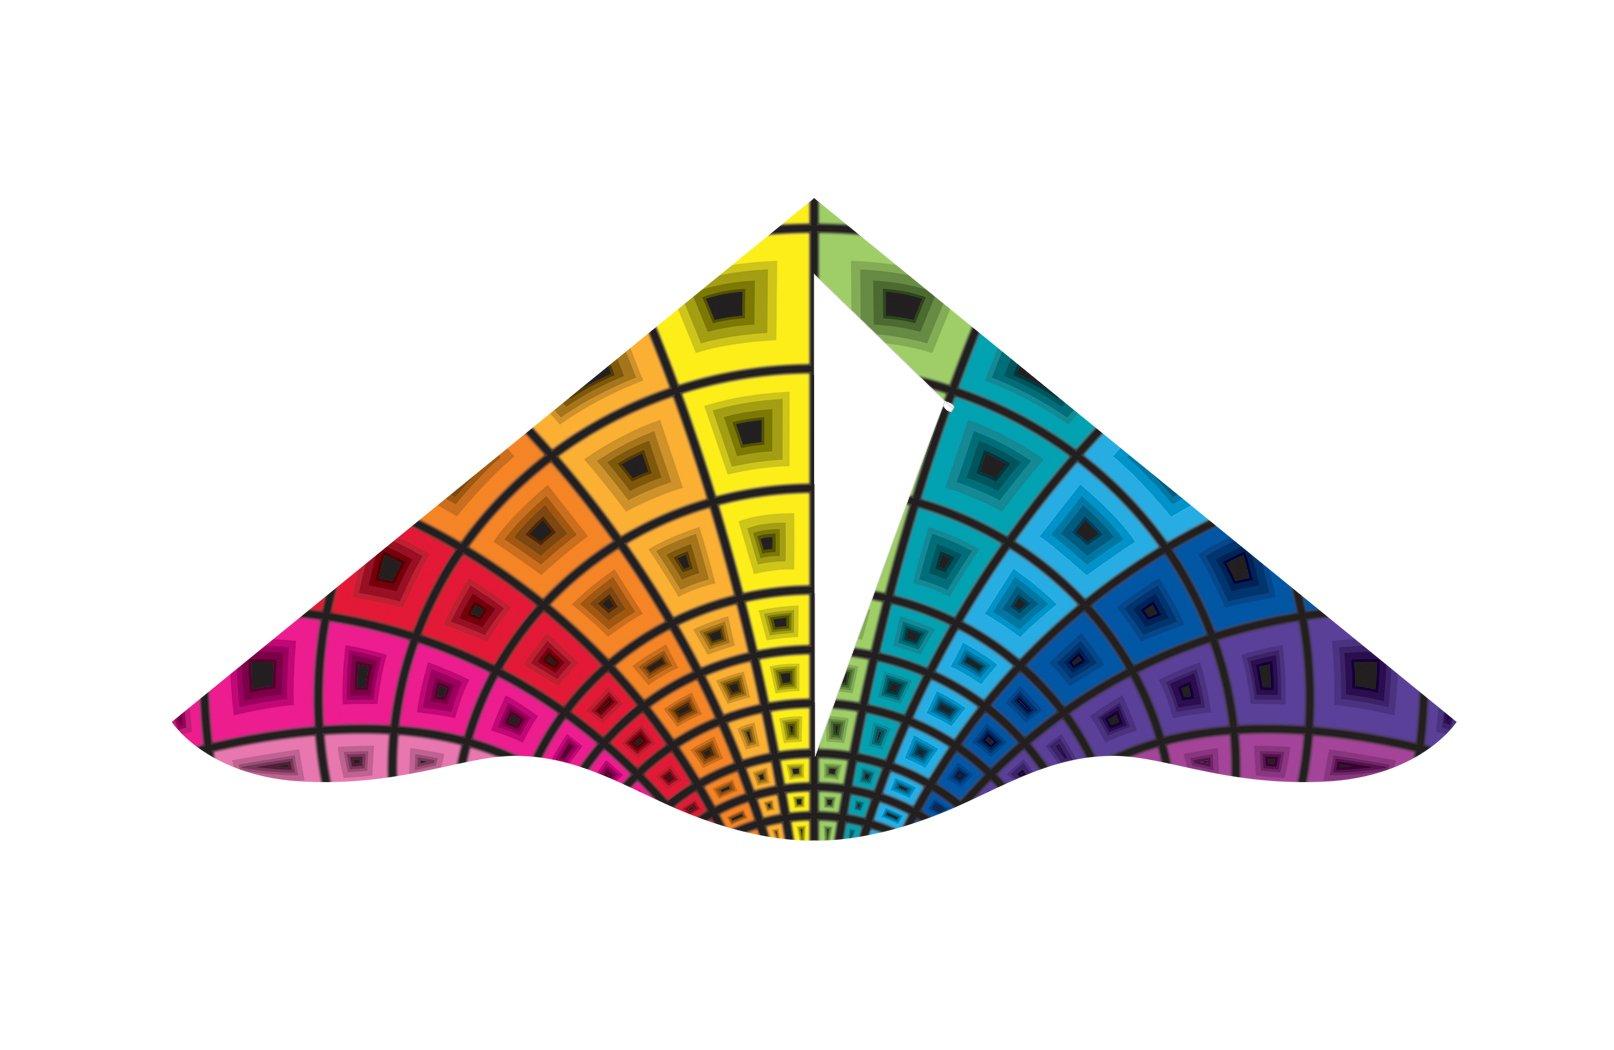 X-Kites Deluxe Delta Nylon Kite Assortment Pack (12-Pack), 42'' by X-Kites (Image #5)